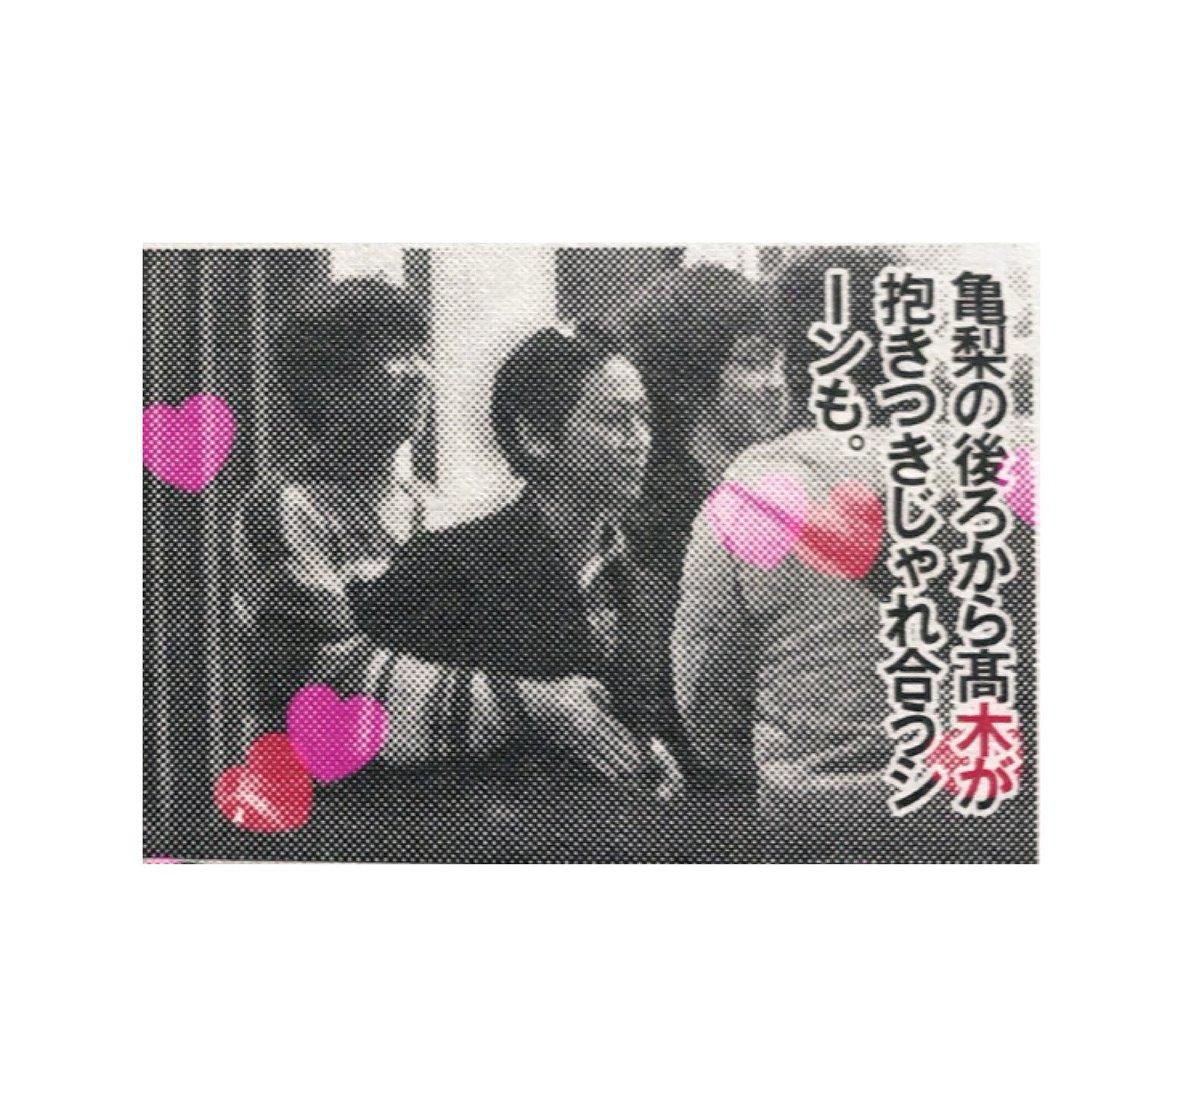 【女性セブン】KAT-TUN・亀梨和也と高木雄也がじゃれるオフショットにファン歓喜!